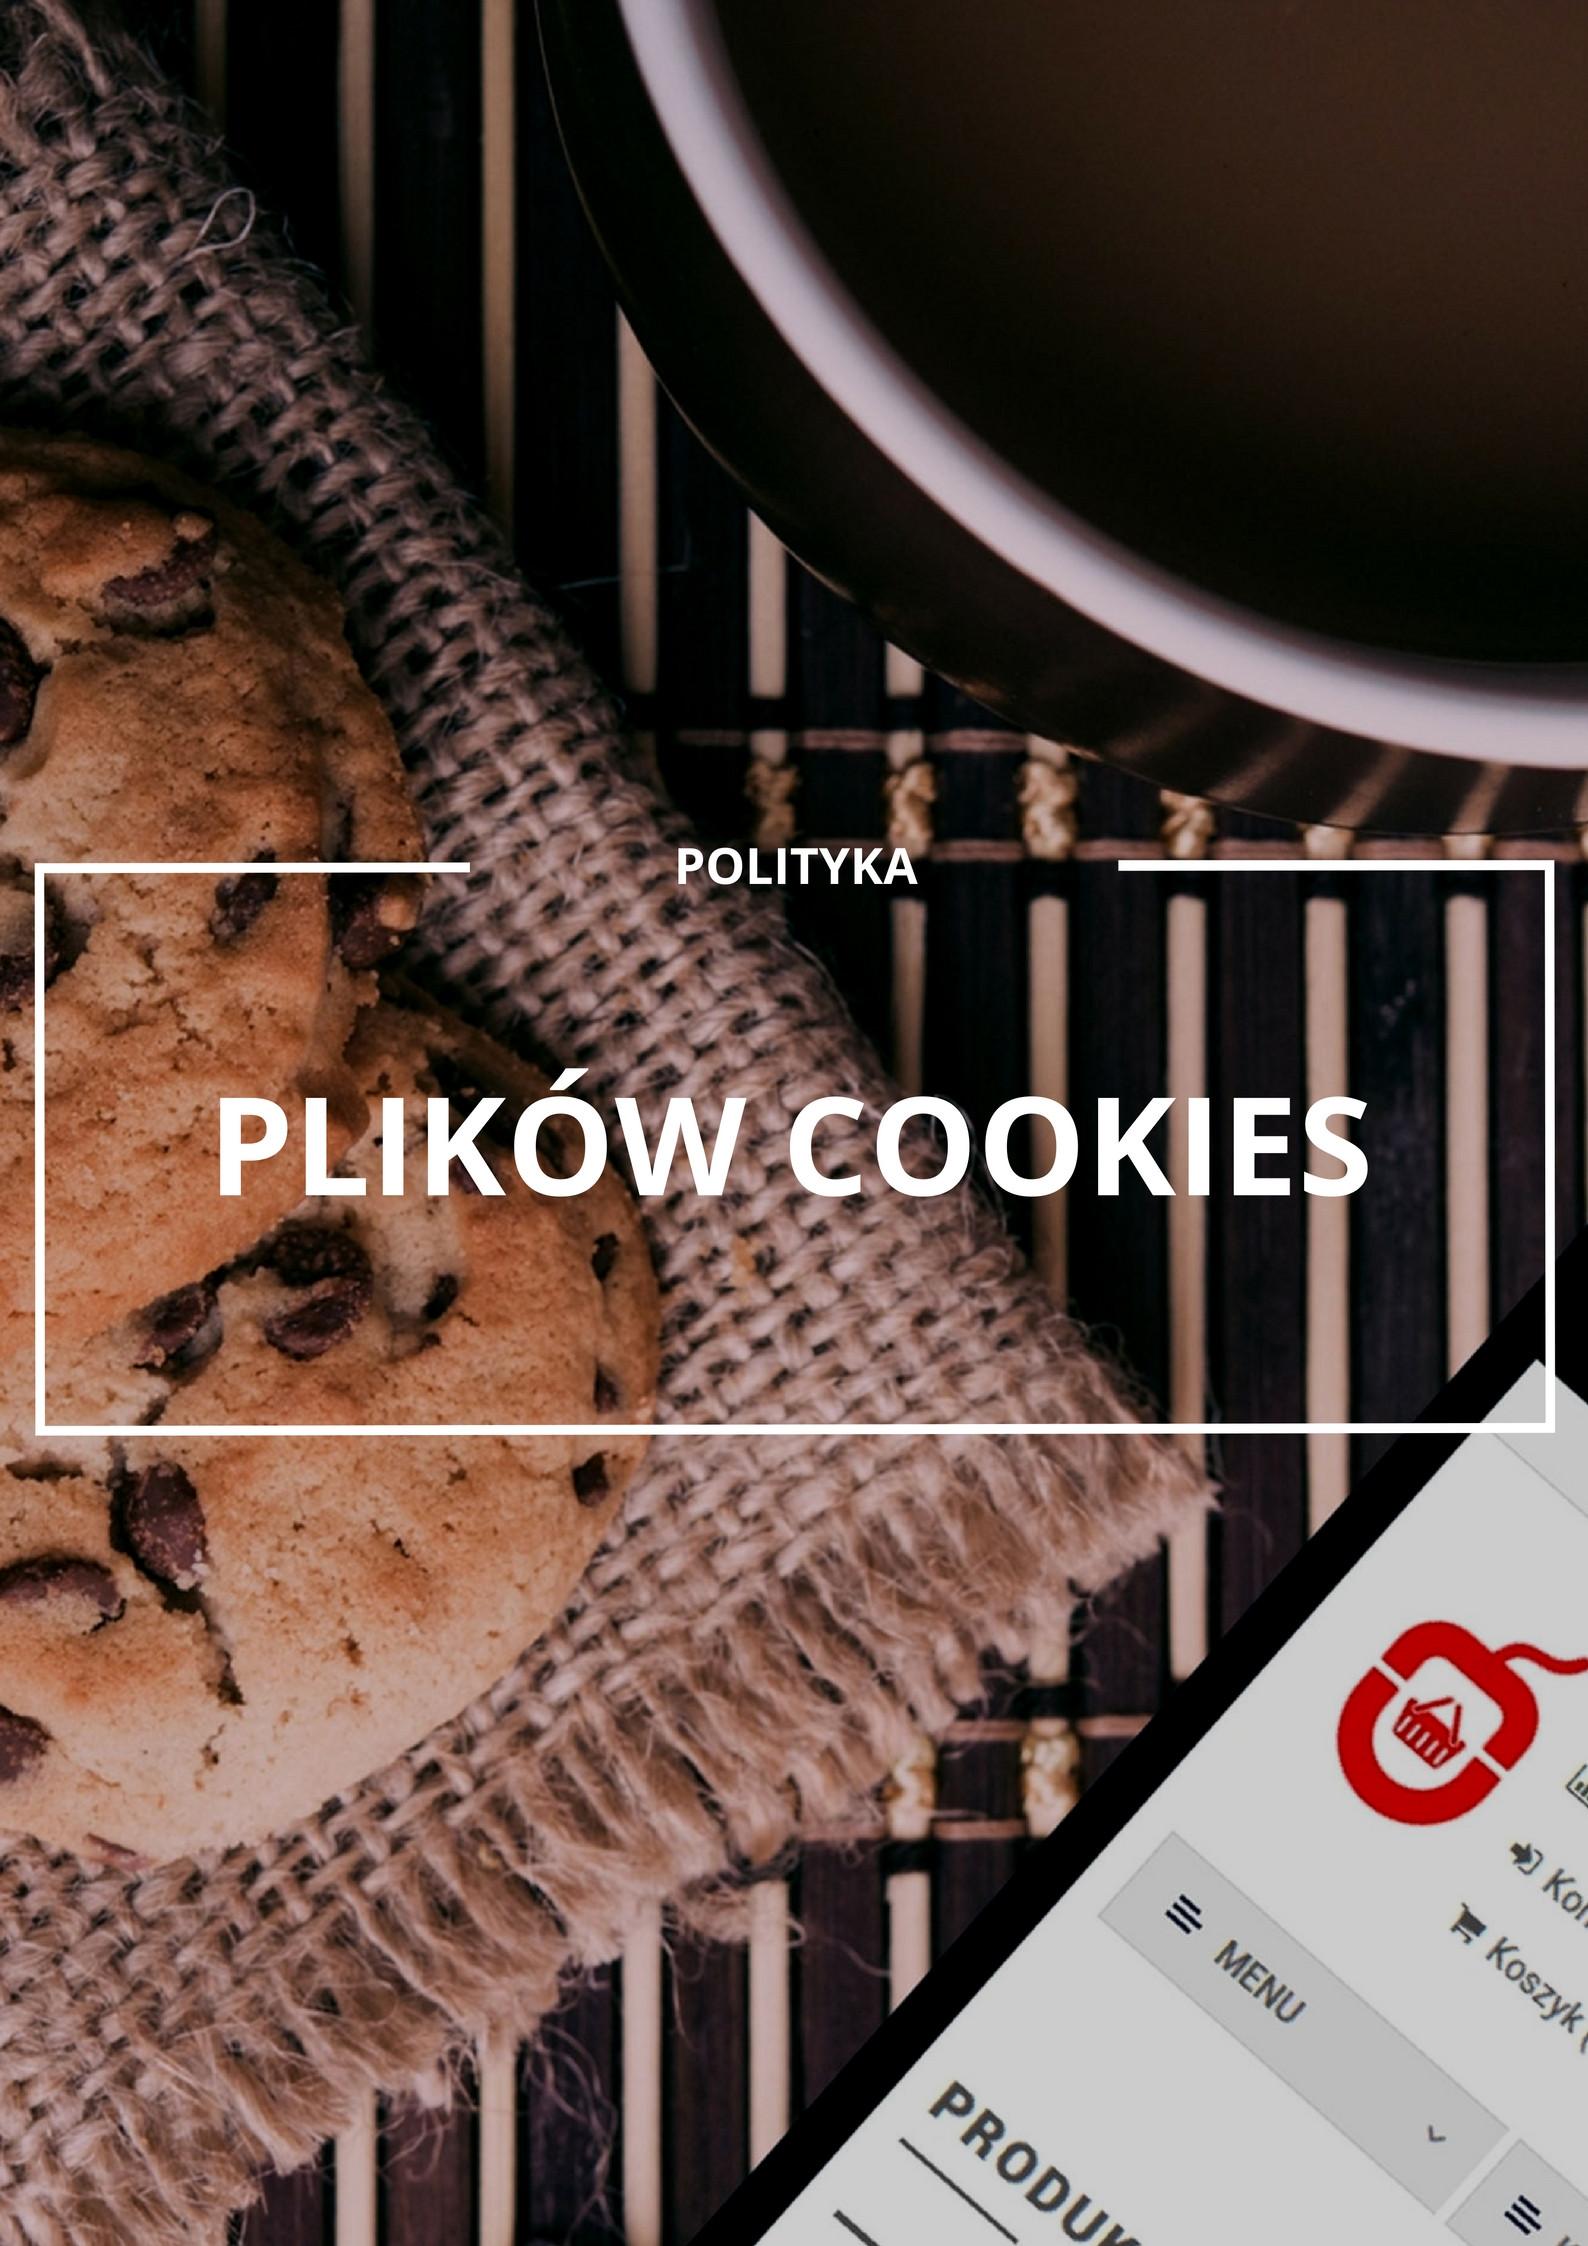 Polityka plików cookies